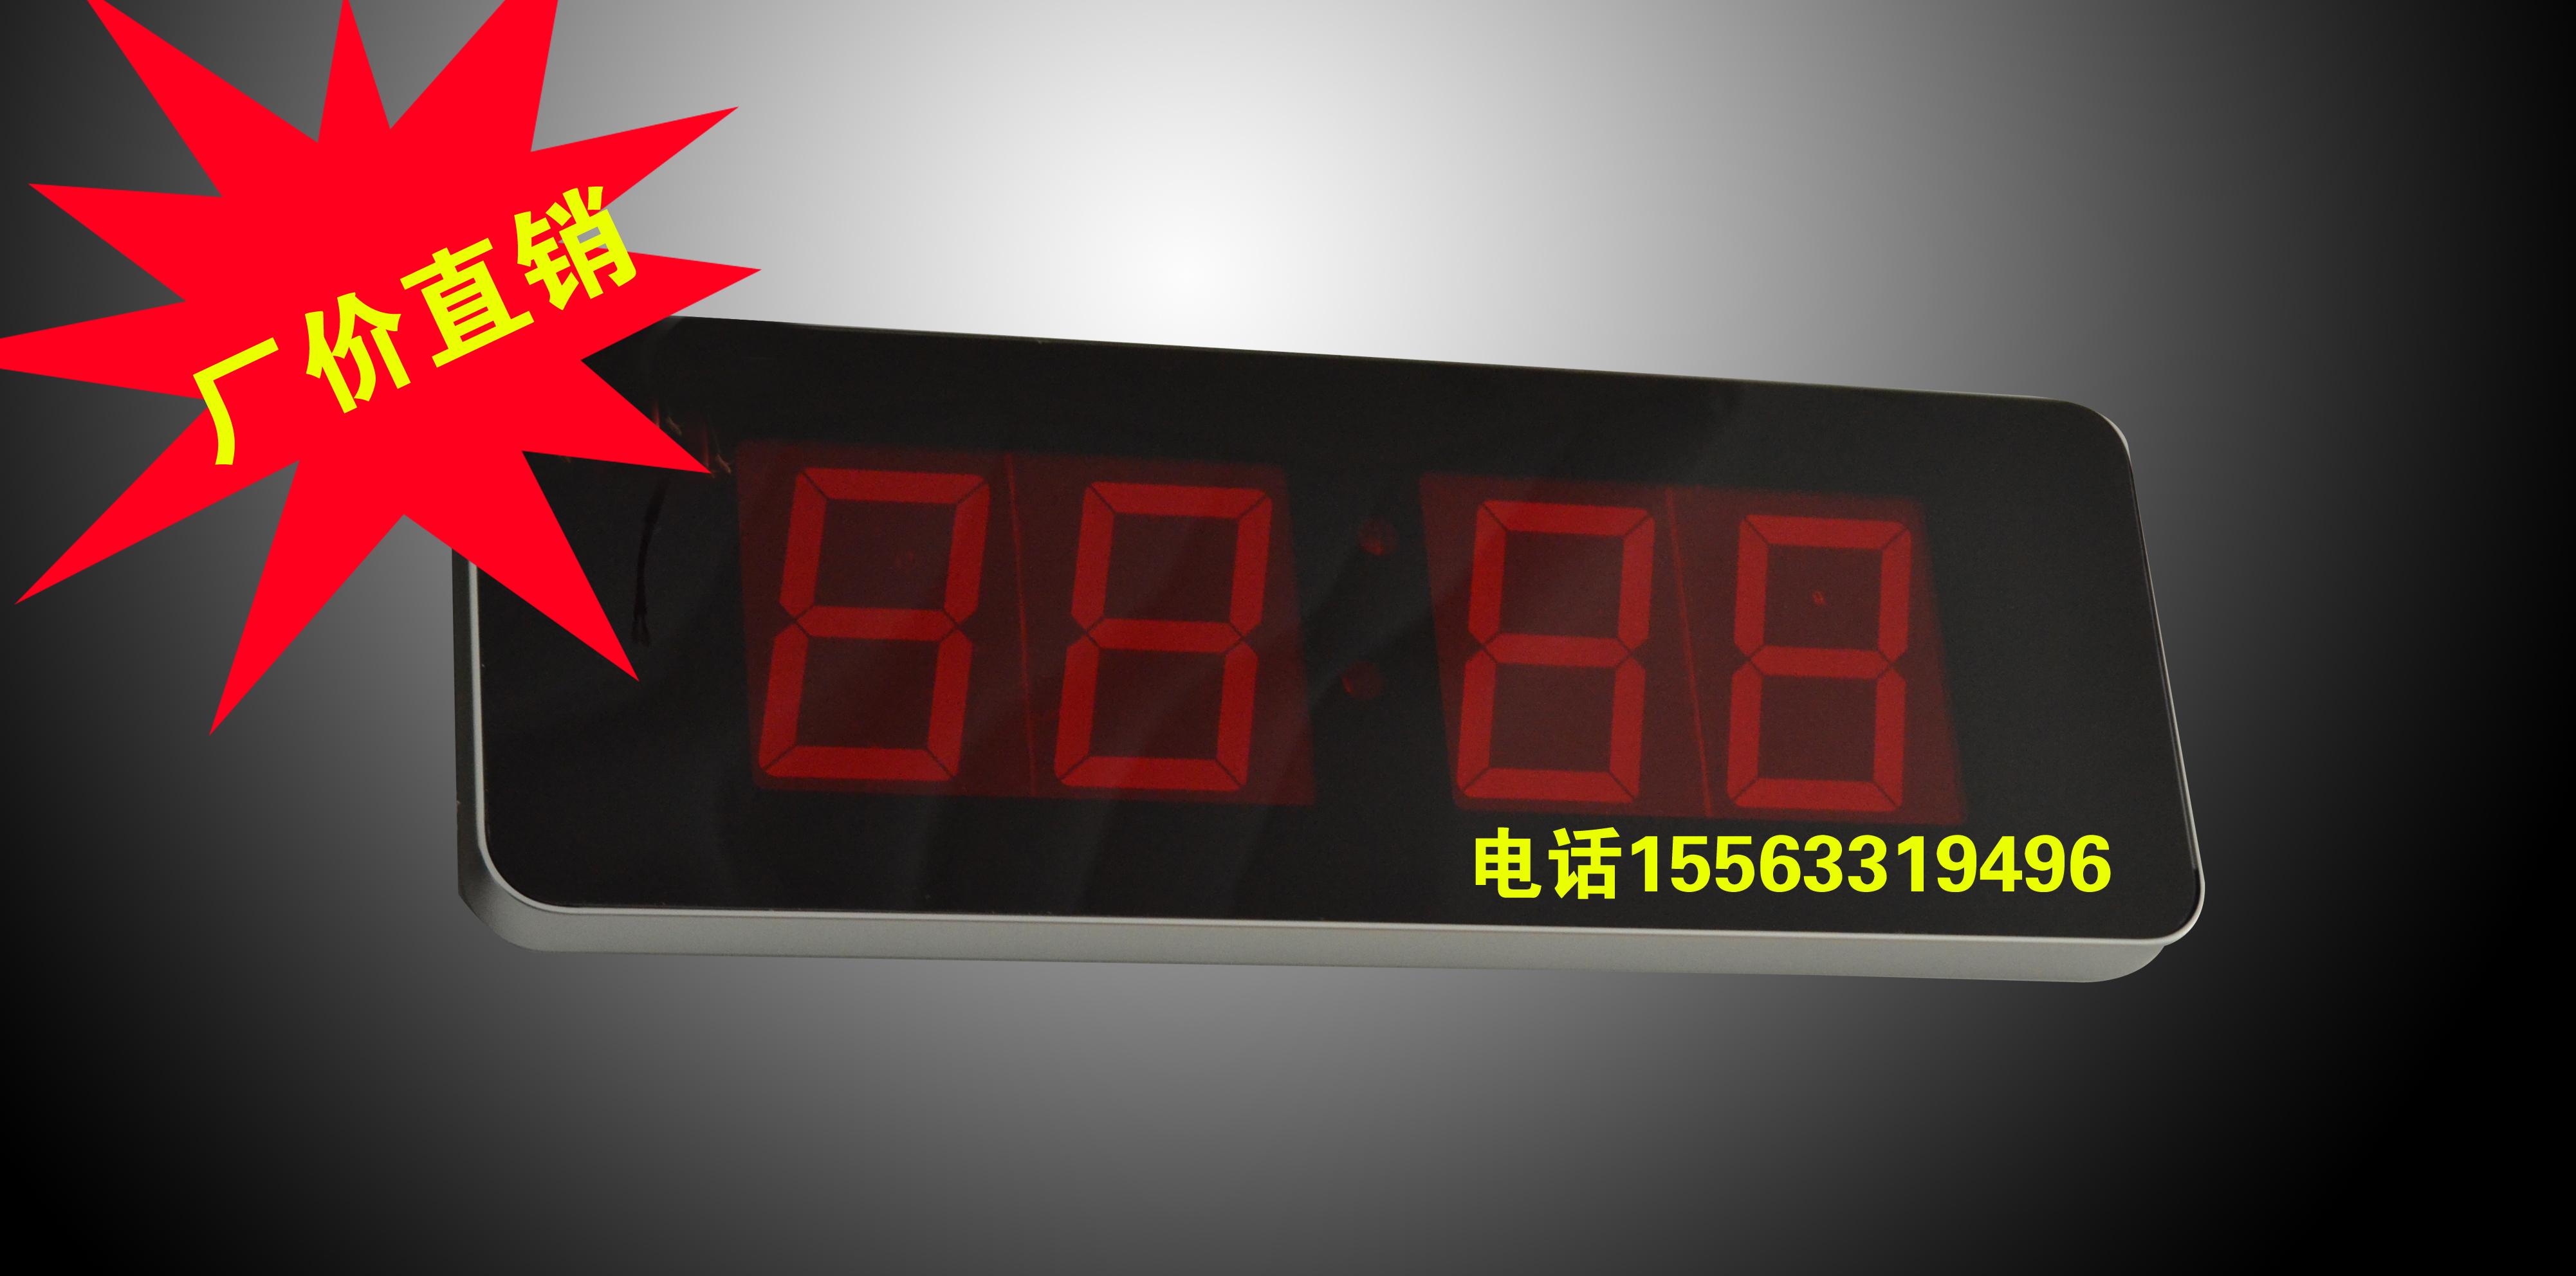 Медицинская вызов бесконечный коробка идти галерея экран поддерживающий азия цветущий пейджер главная эвм YH938, YH2000C